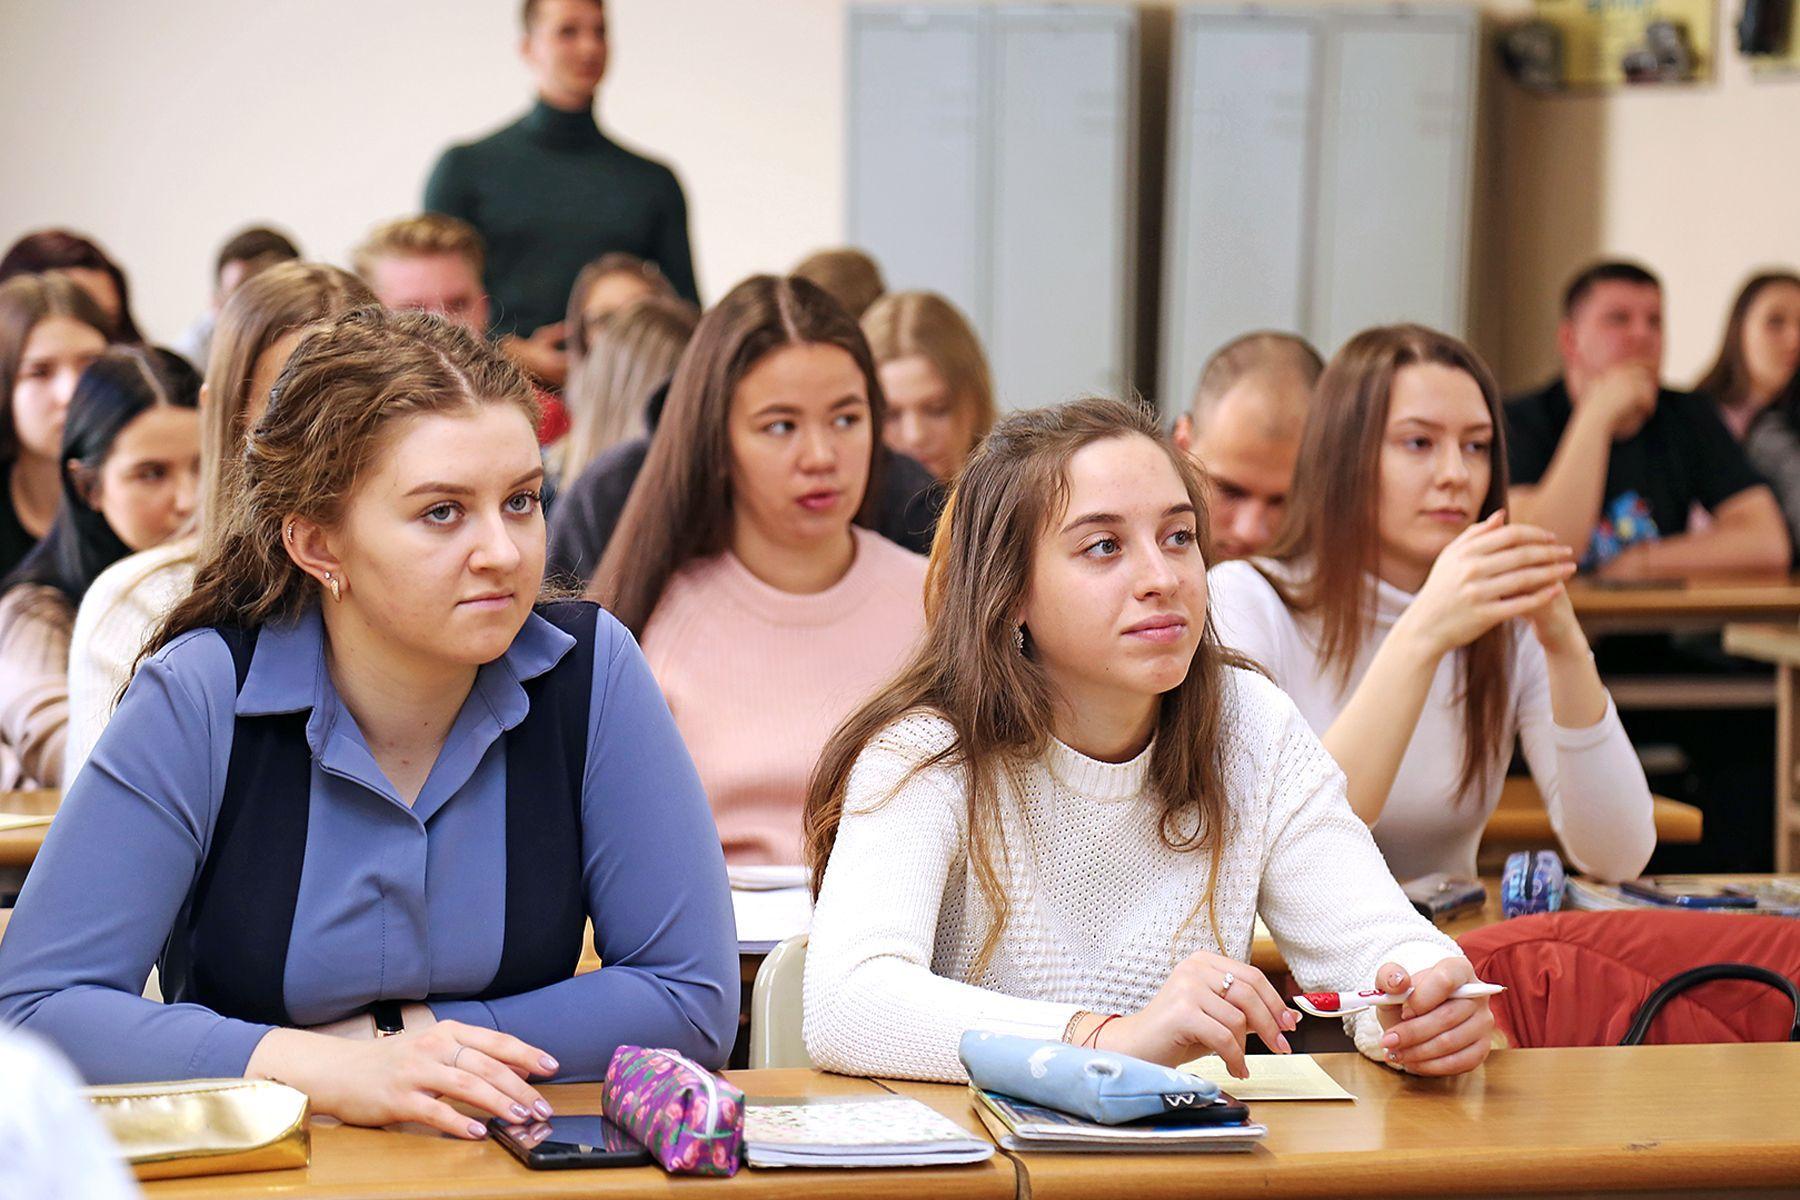 Руководитель центра «Абитуриент» ВГУЭС рассказала о технологии выбора профессии с пяти лет и до поступления в университет